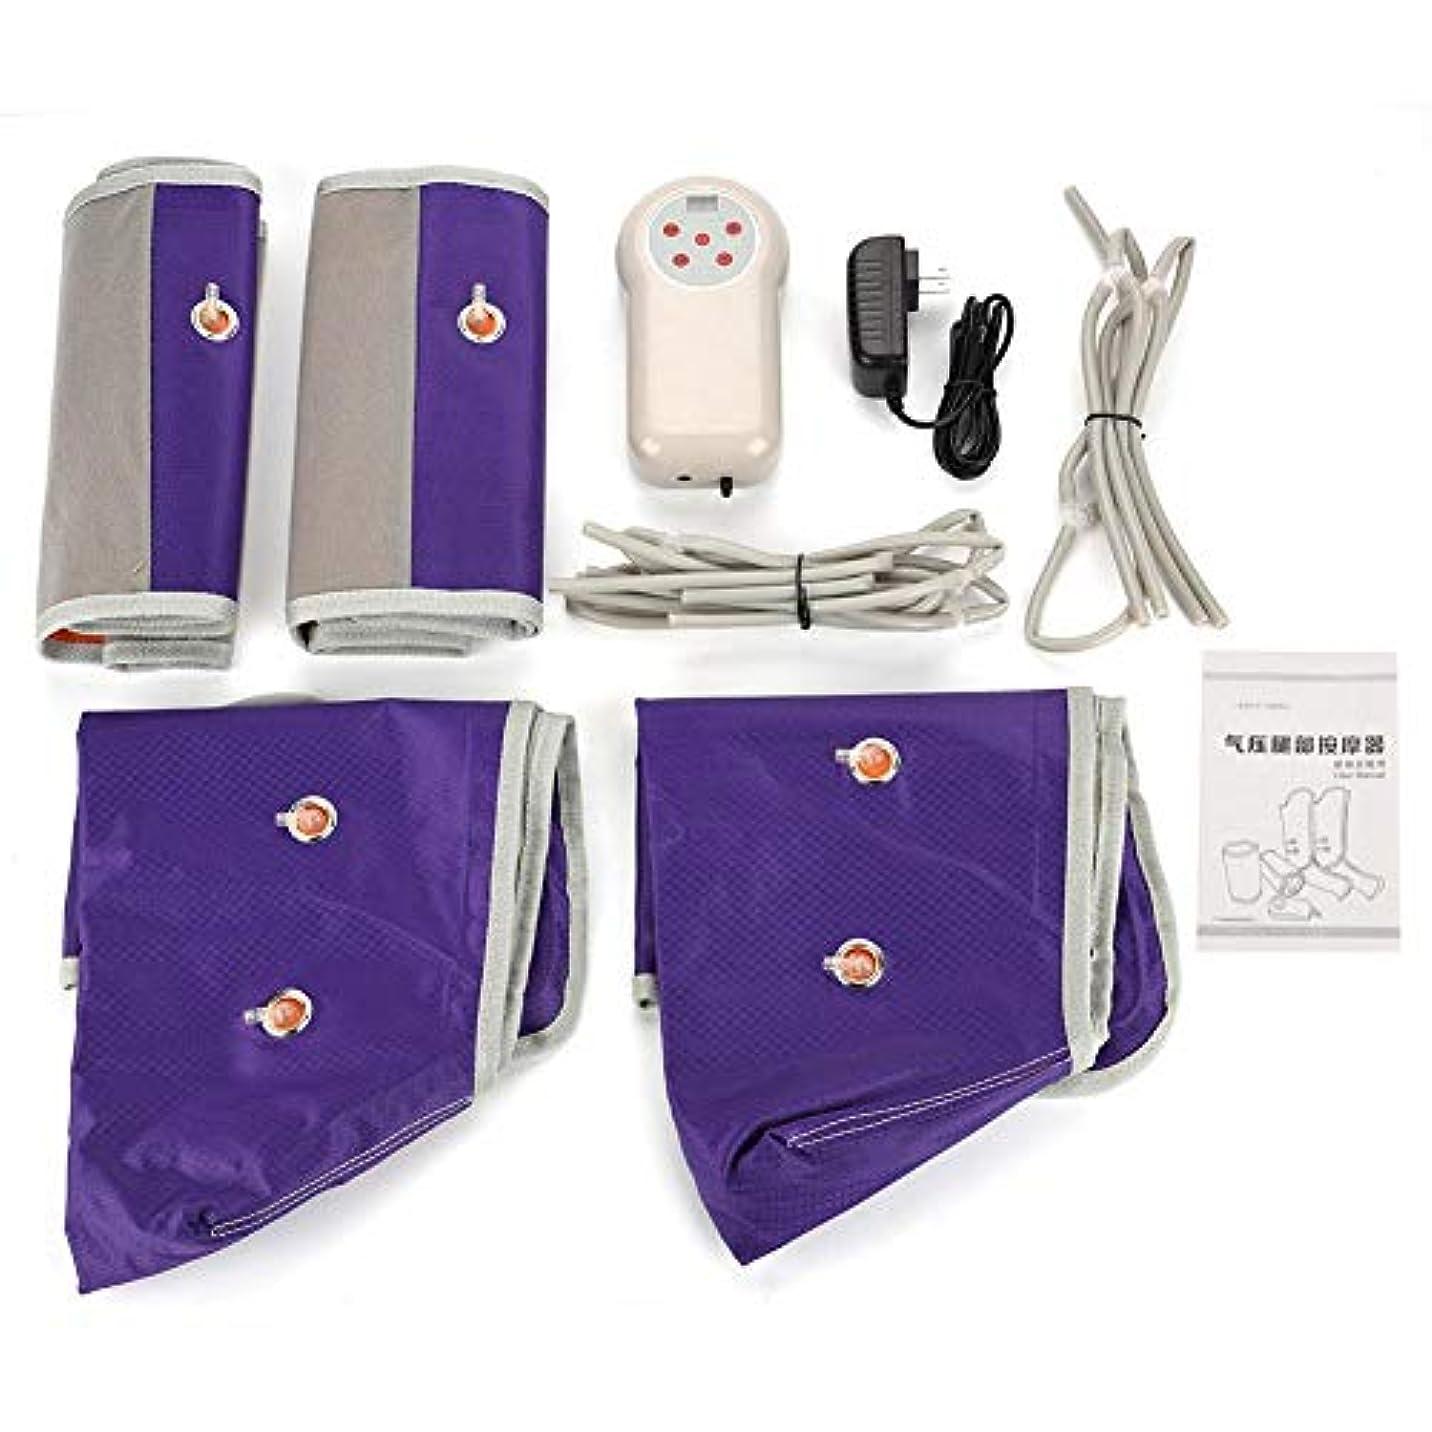 ベアリング信頼性のある教育者Semme Air Compression電動レッグマッサージャー、2つのモード9つのハンドヘルドコントローラー付きのマッサージでリラックスして腕、足、ふくらはぎをリラックス(紫色)